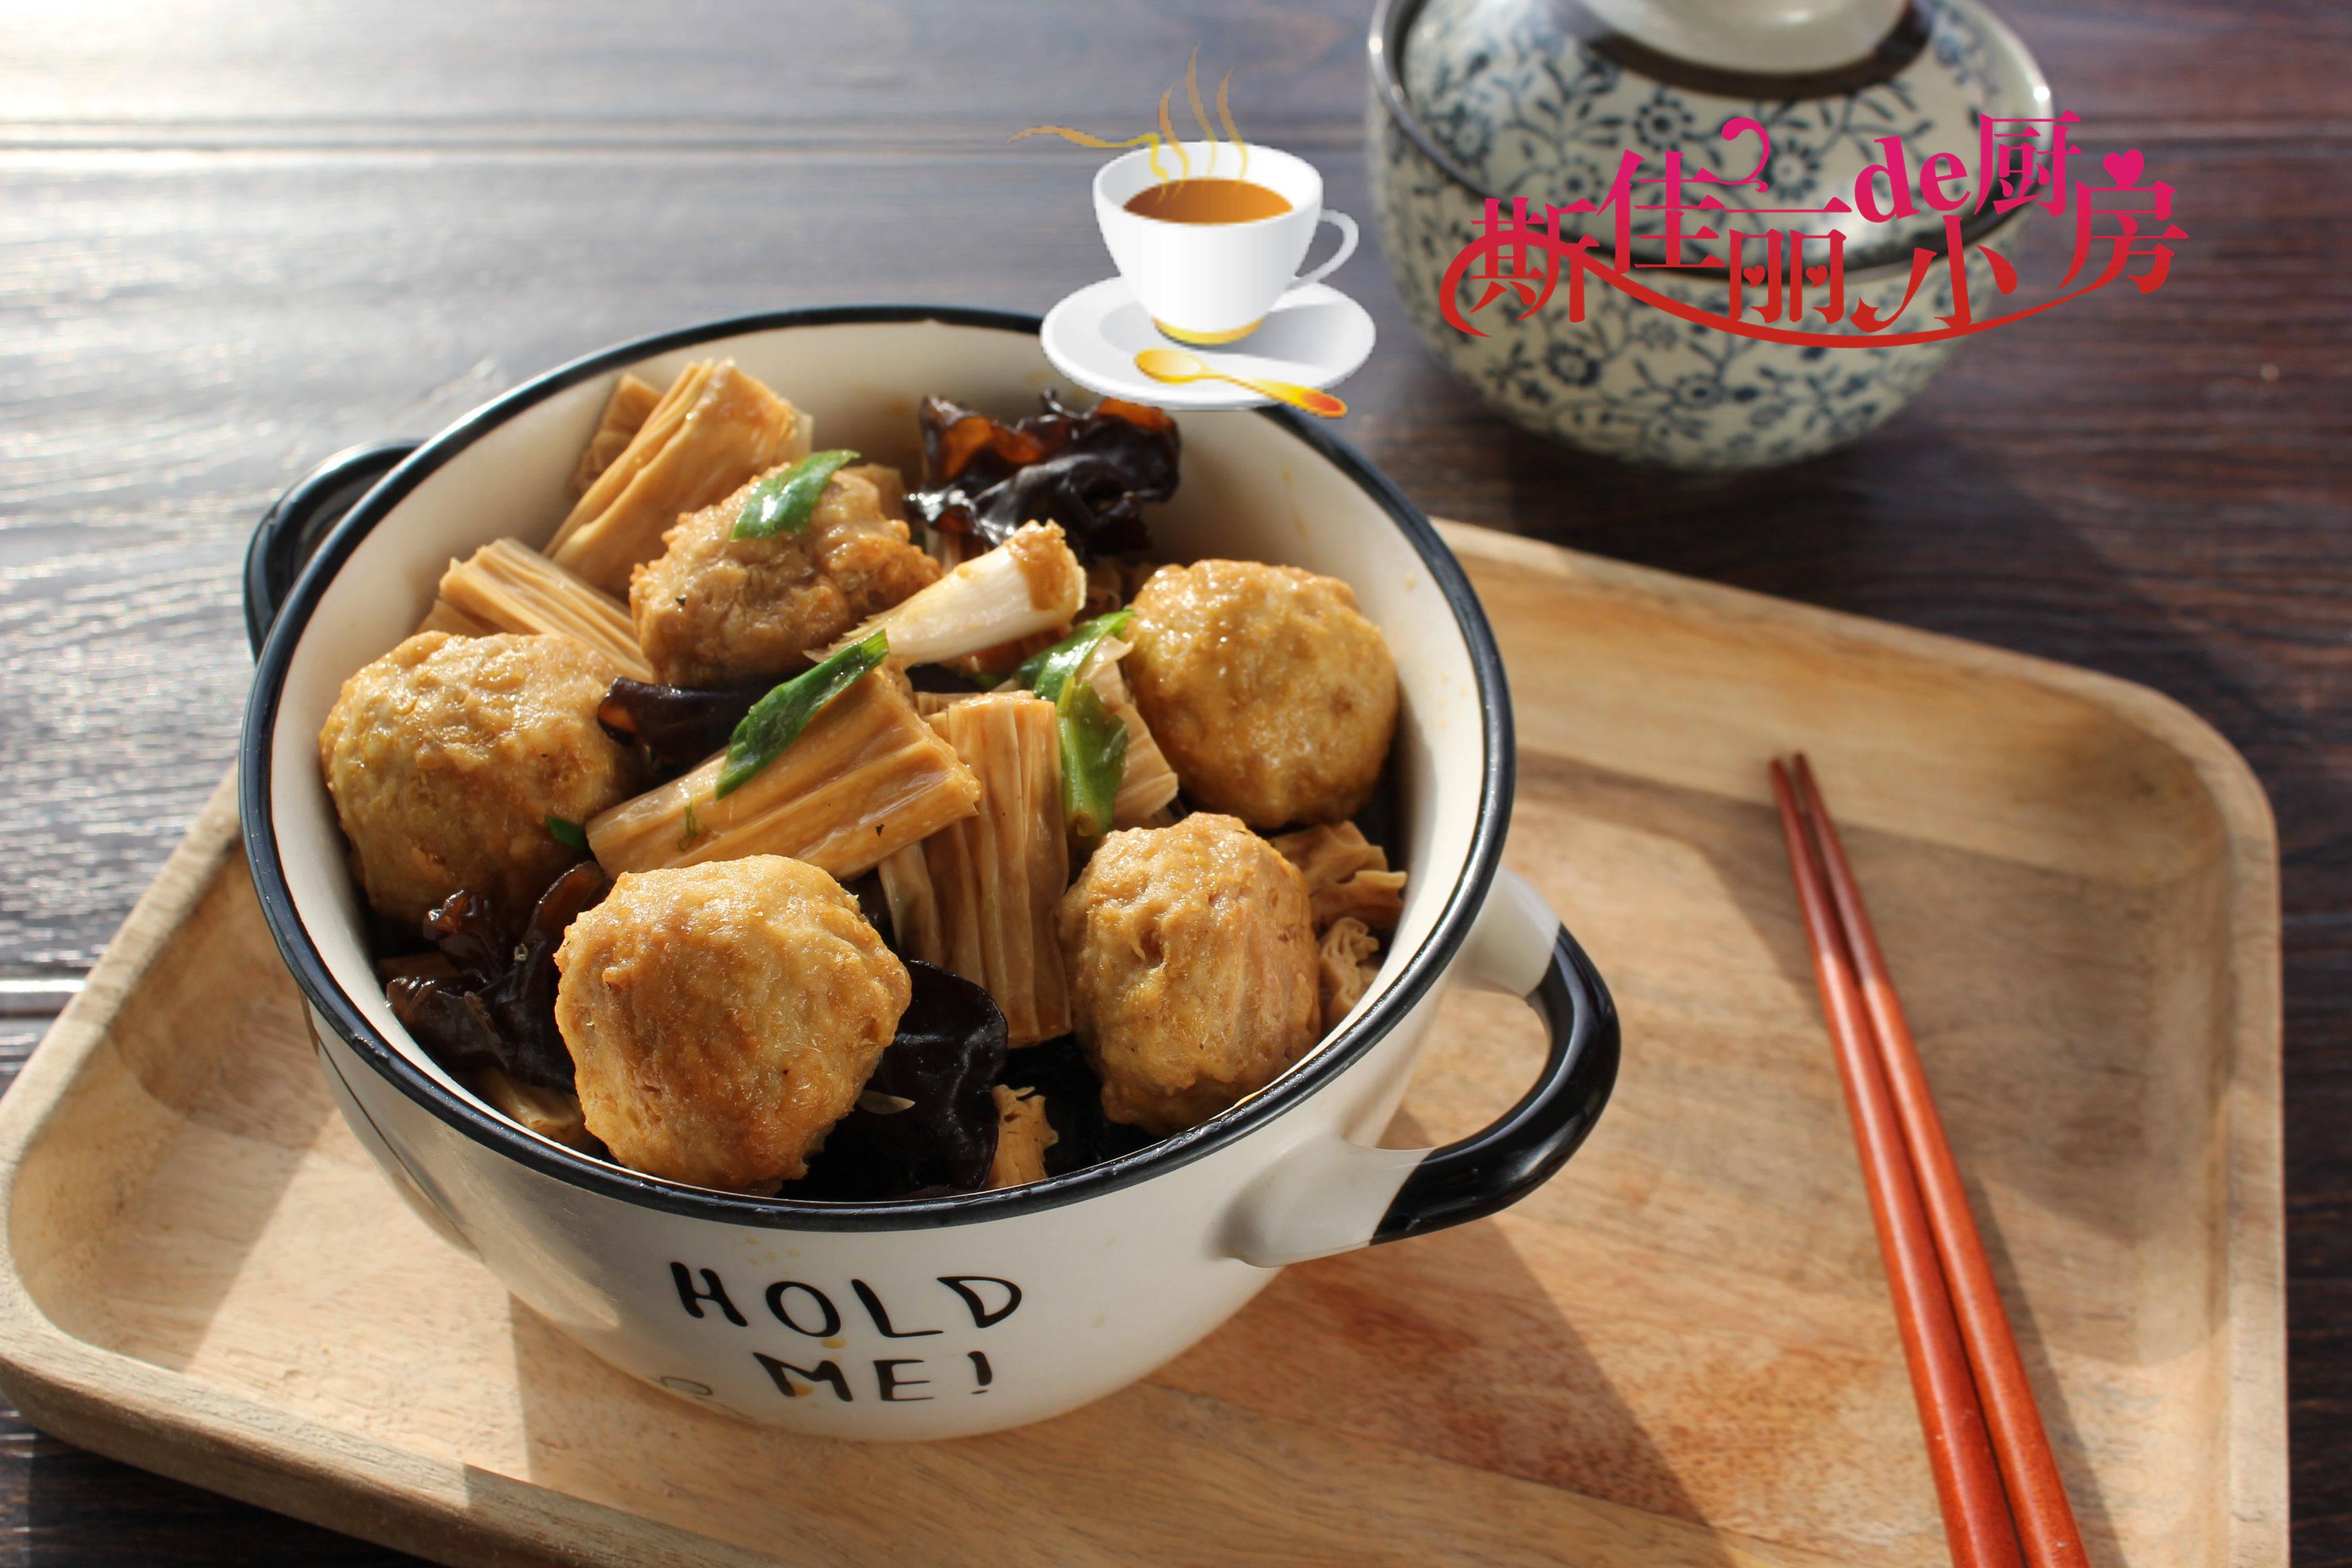 天冷就馋这一锅热乎乎的炖菜,荤素一锅出,营养又美味,驱寒暖胃